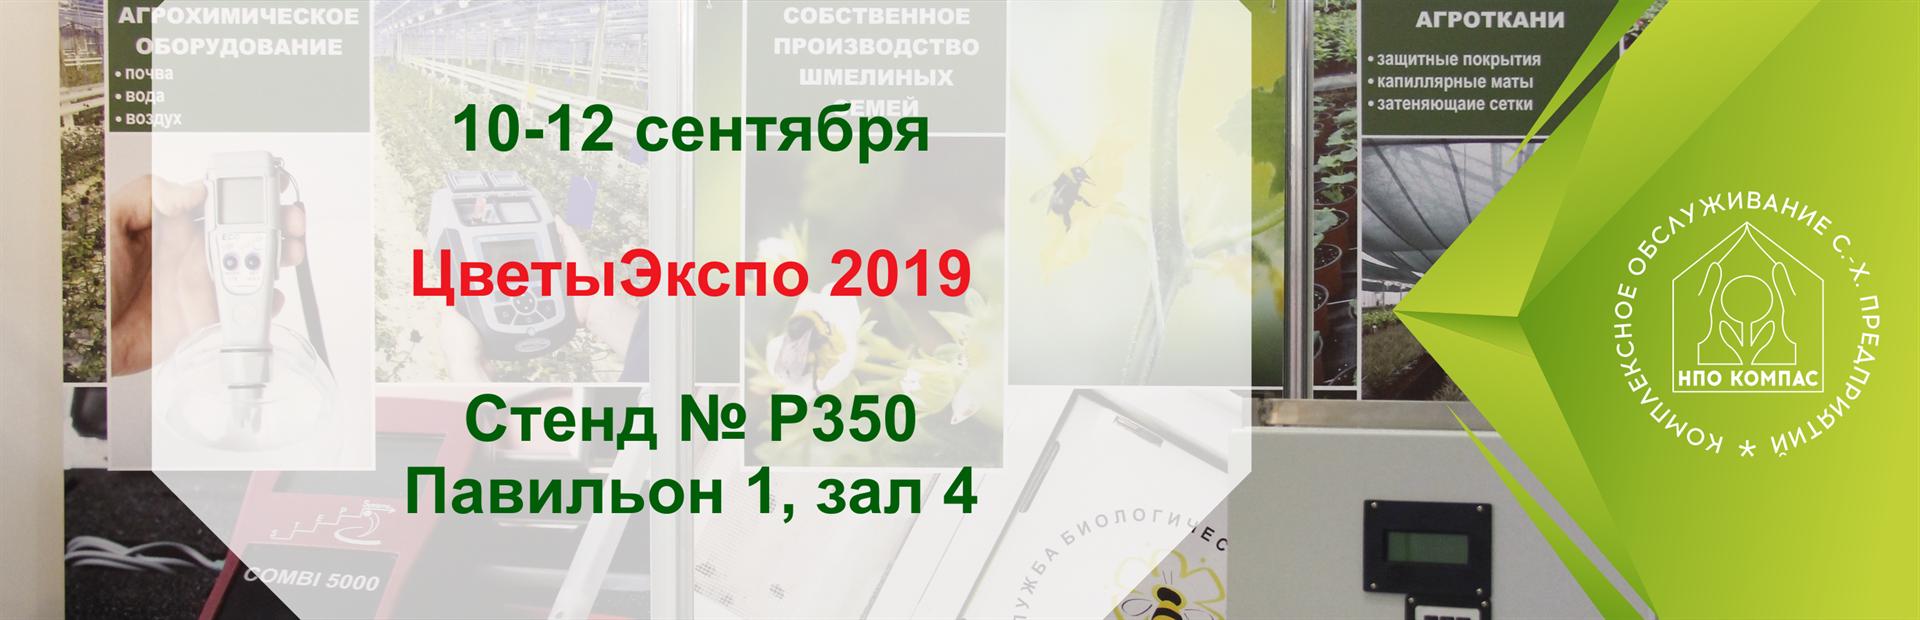 """Баннер""""Выставка Цветы Экстпо 2019"""""""